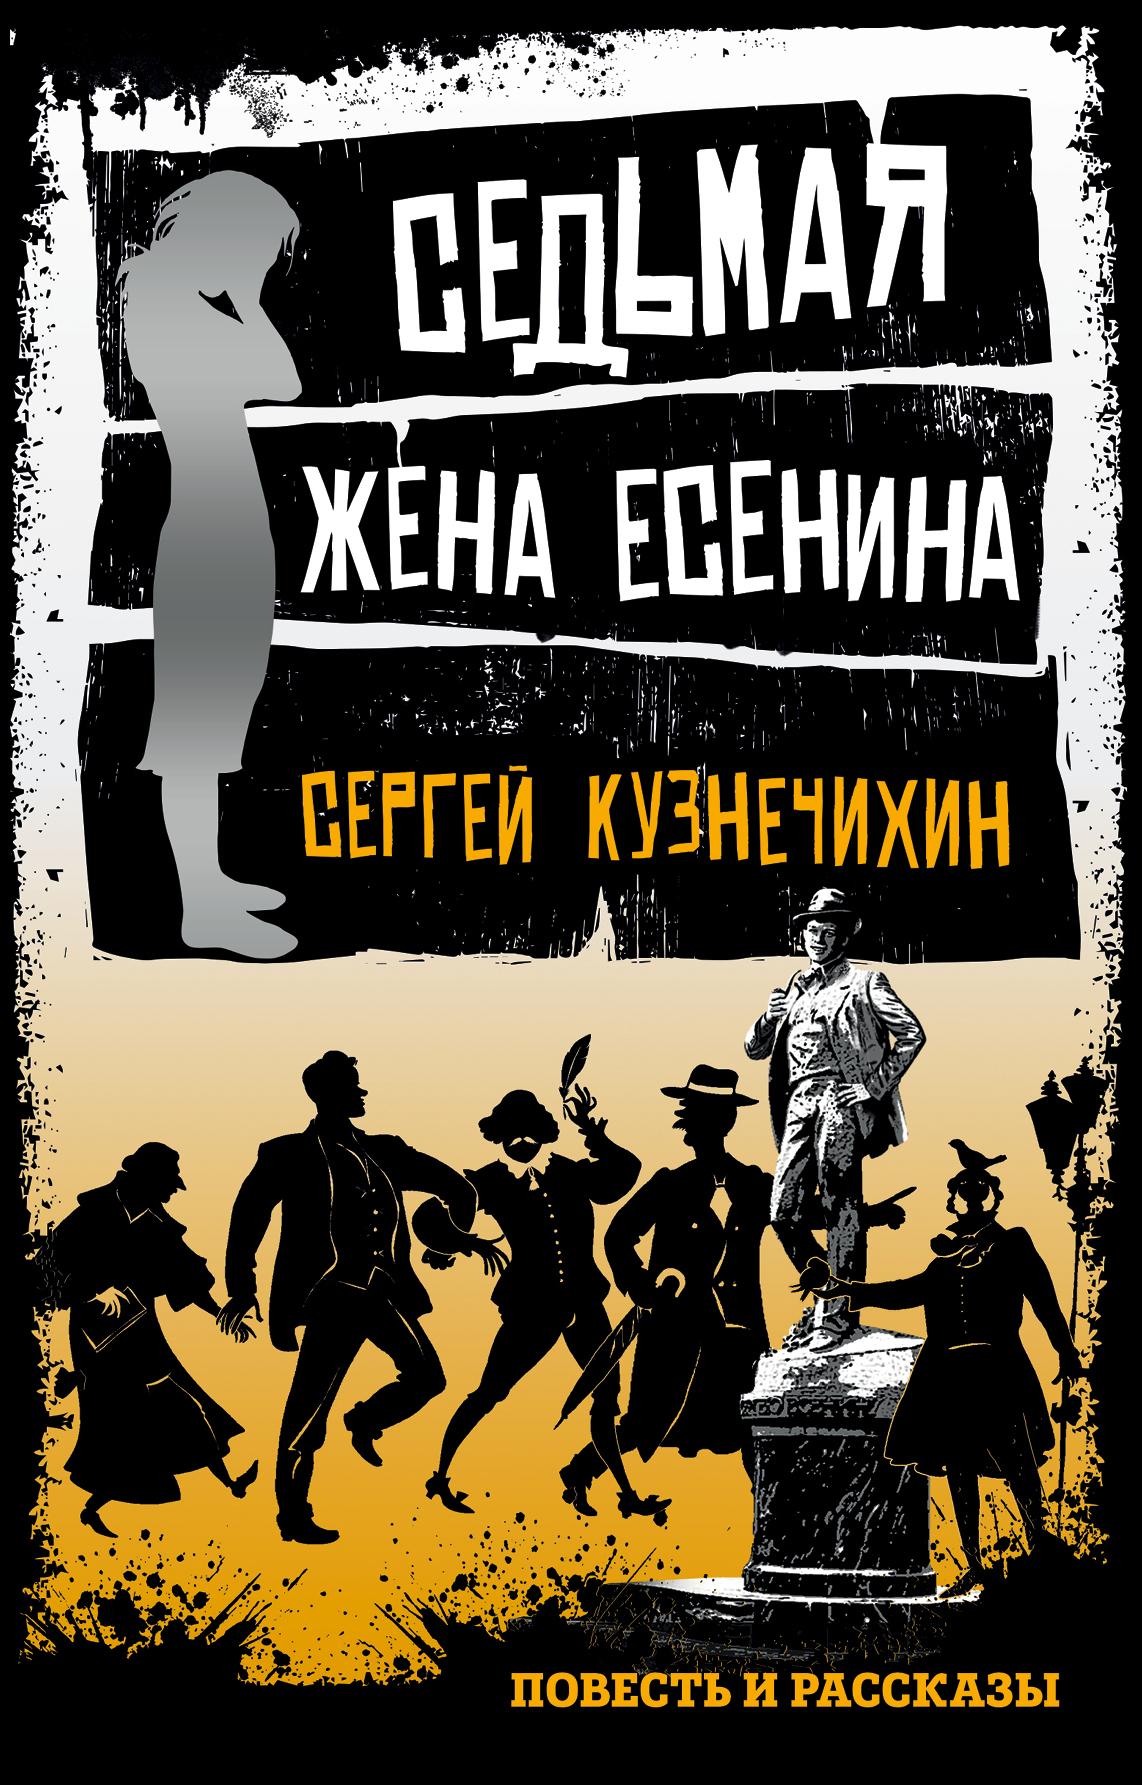 Сергей Кузнечихин Седьмая жена Есенина (сборник) аполлинер гийом убиенный поэт повести